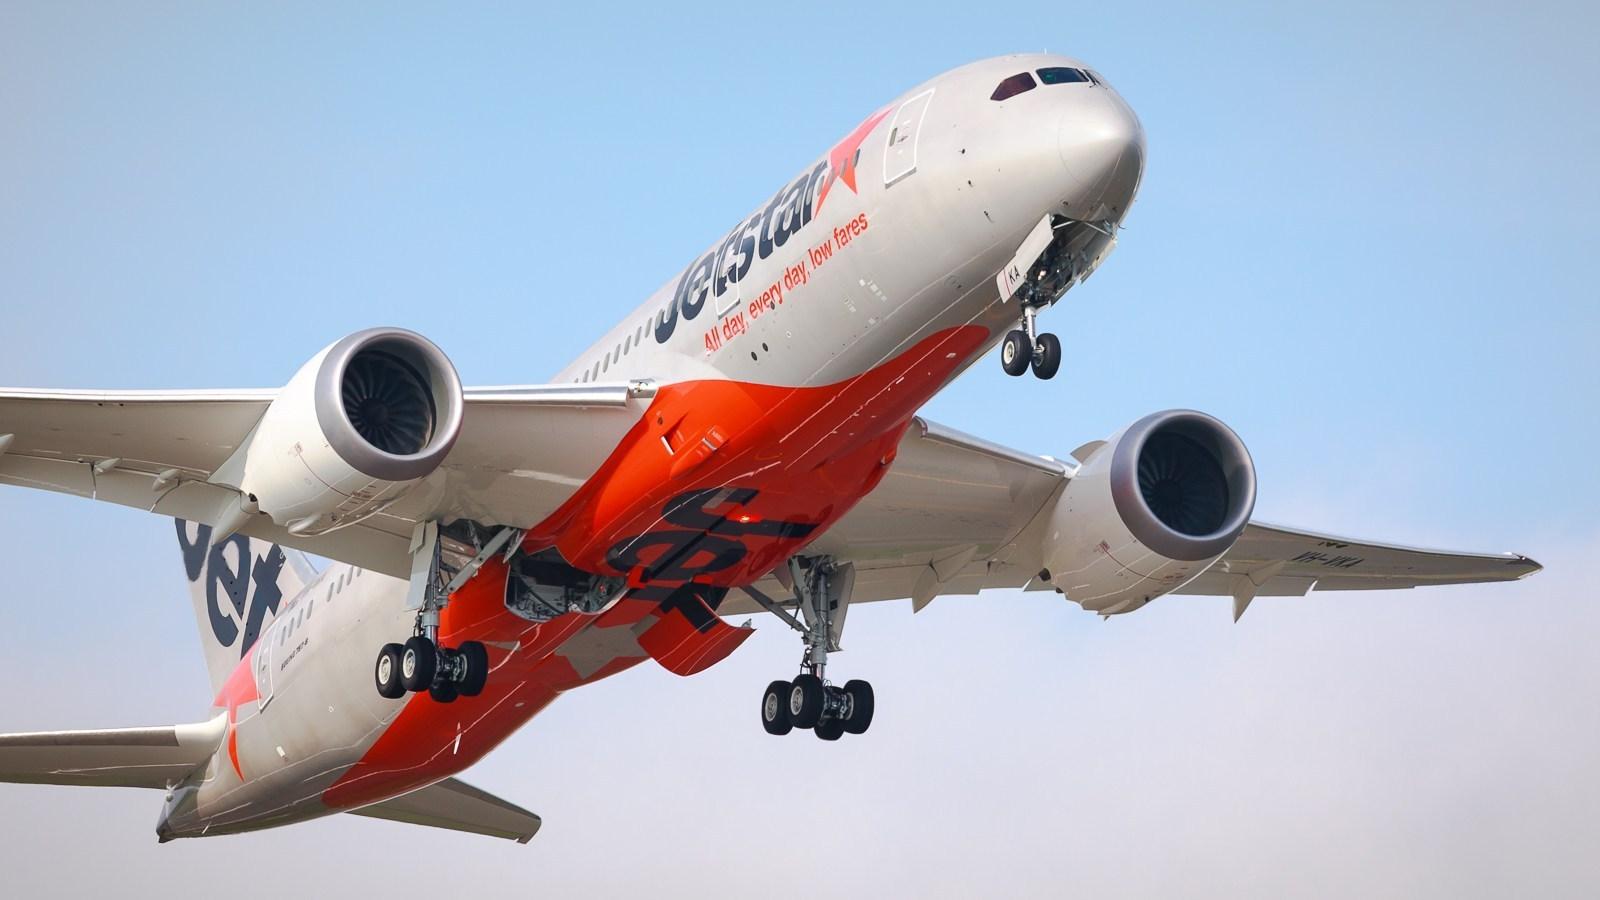 Cómo modificar el nombre y vender tu vuelo con Jetstar 2